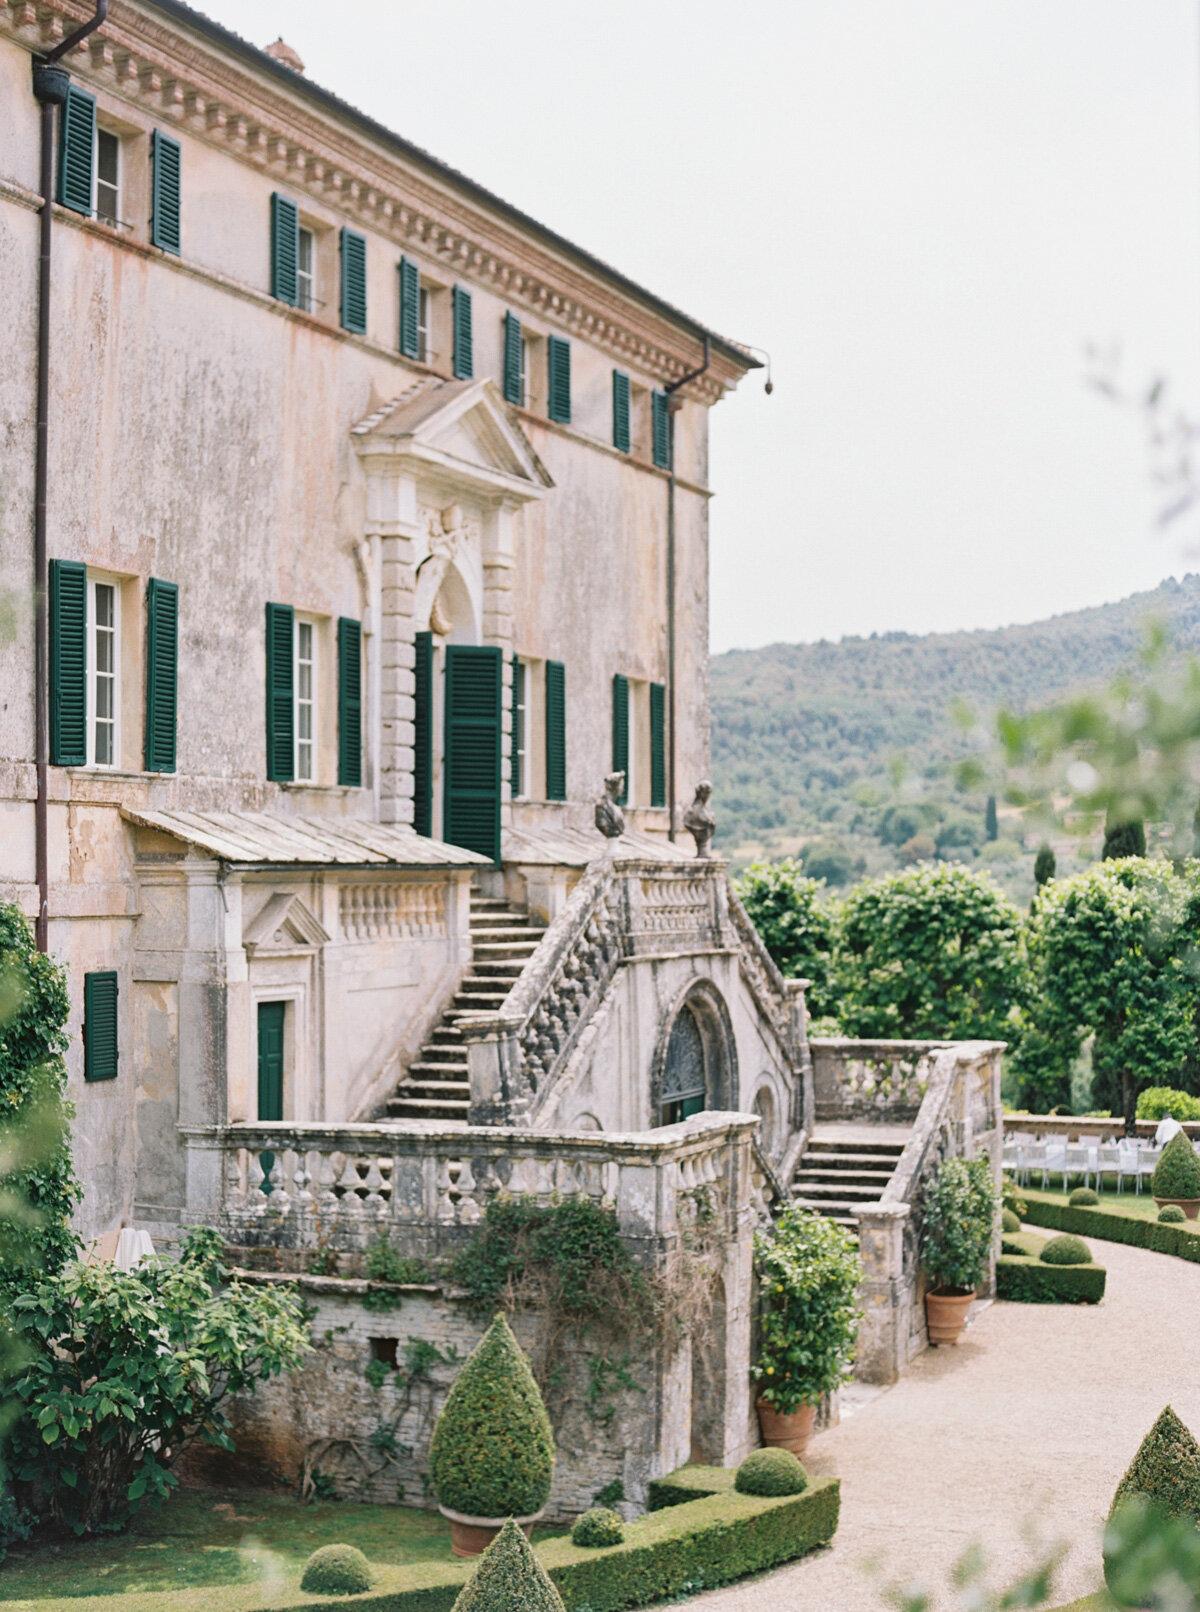 Villa-Cetinale-Tuscany-Katie-Grant-destination-wedding (1 of 115).jpg